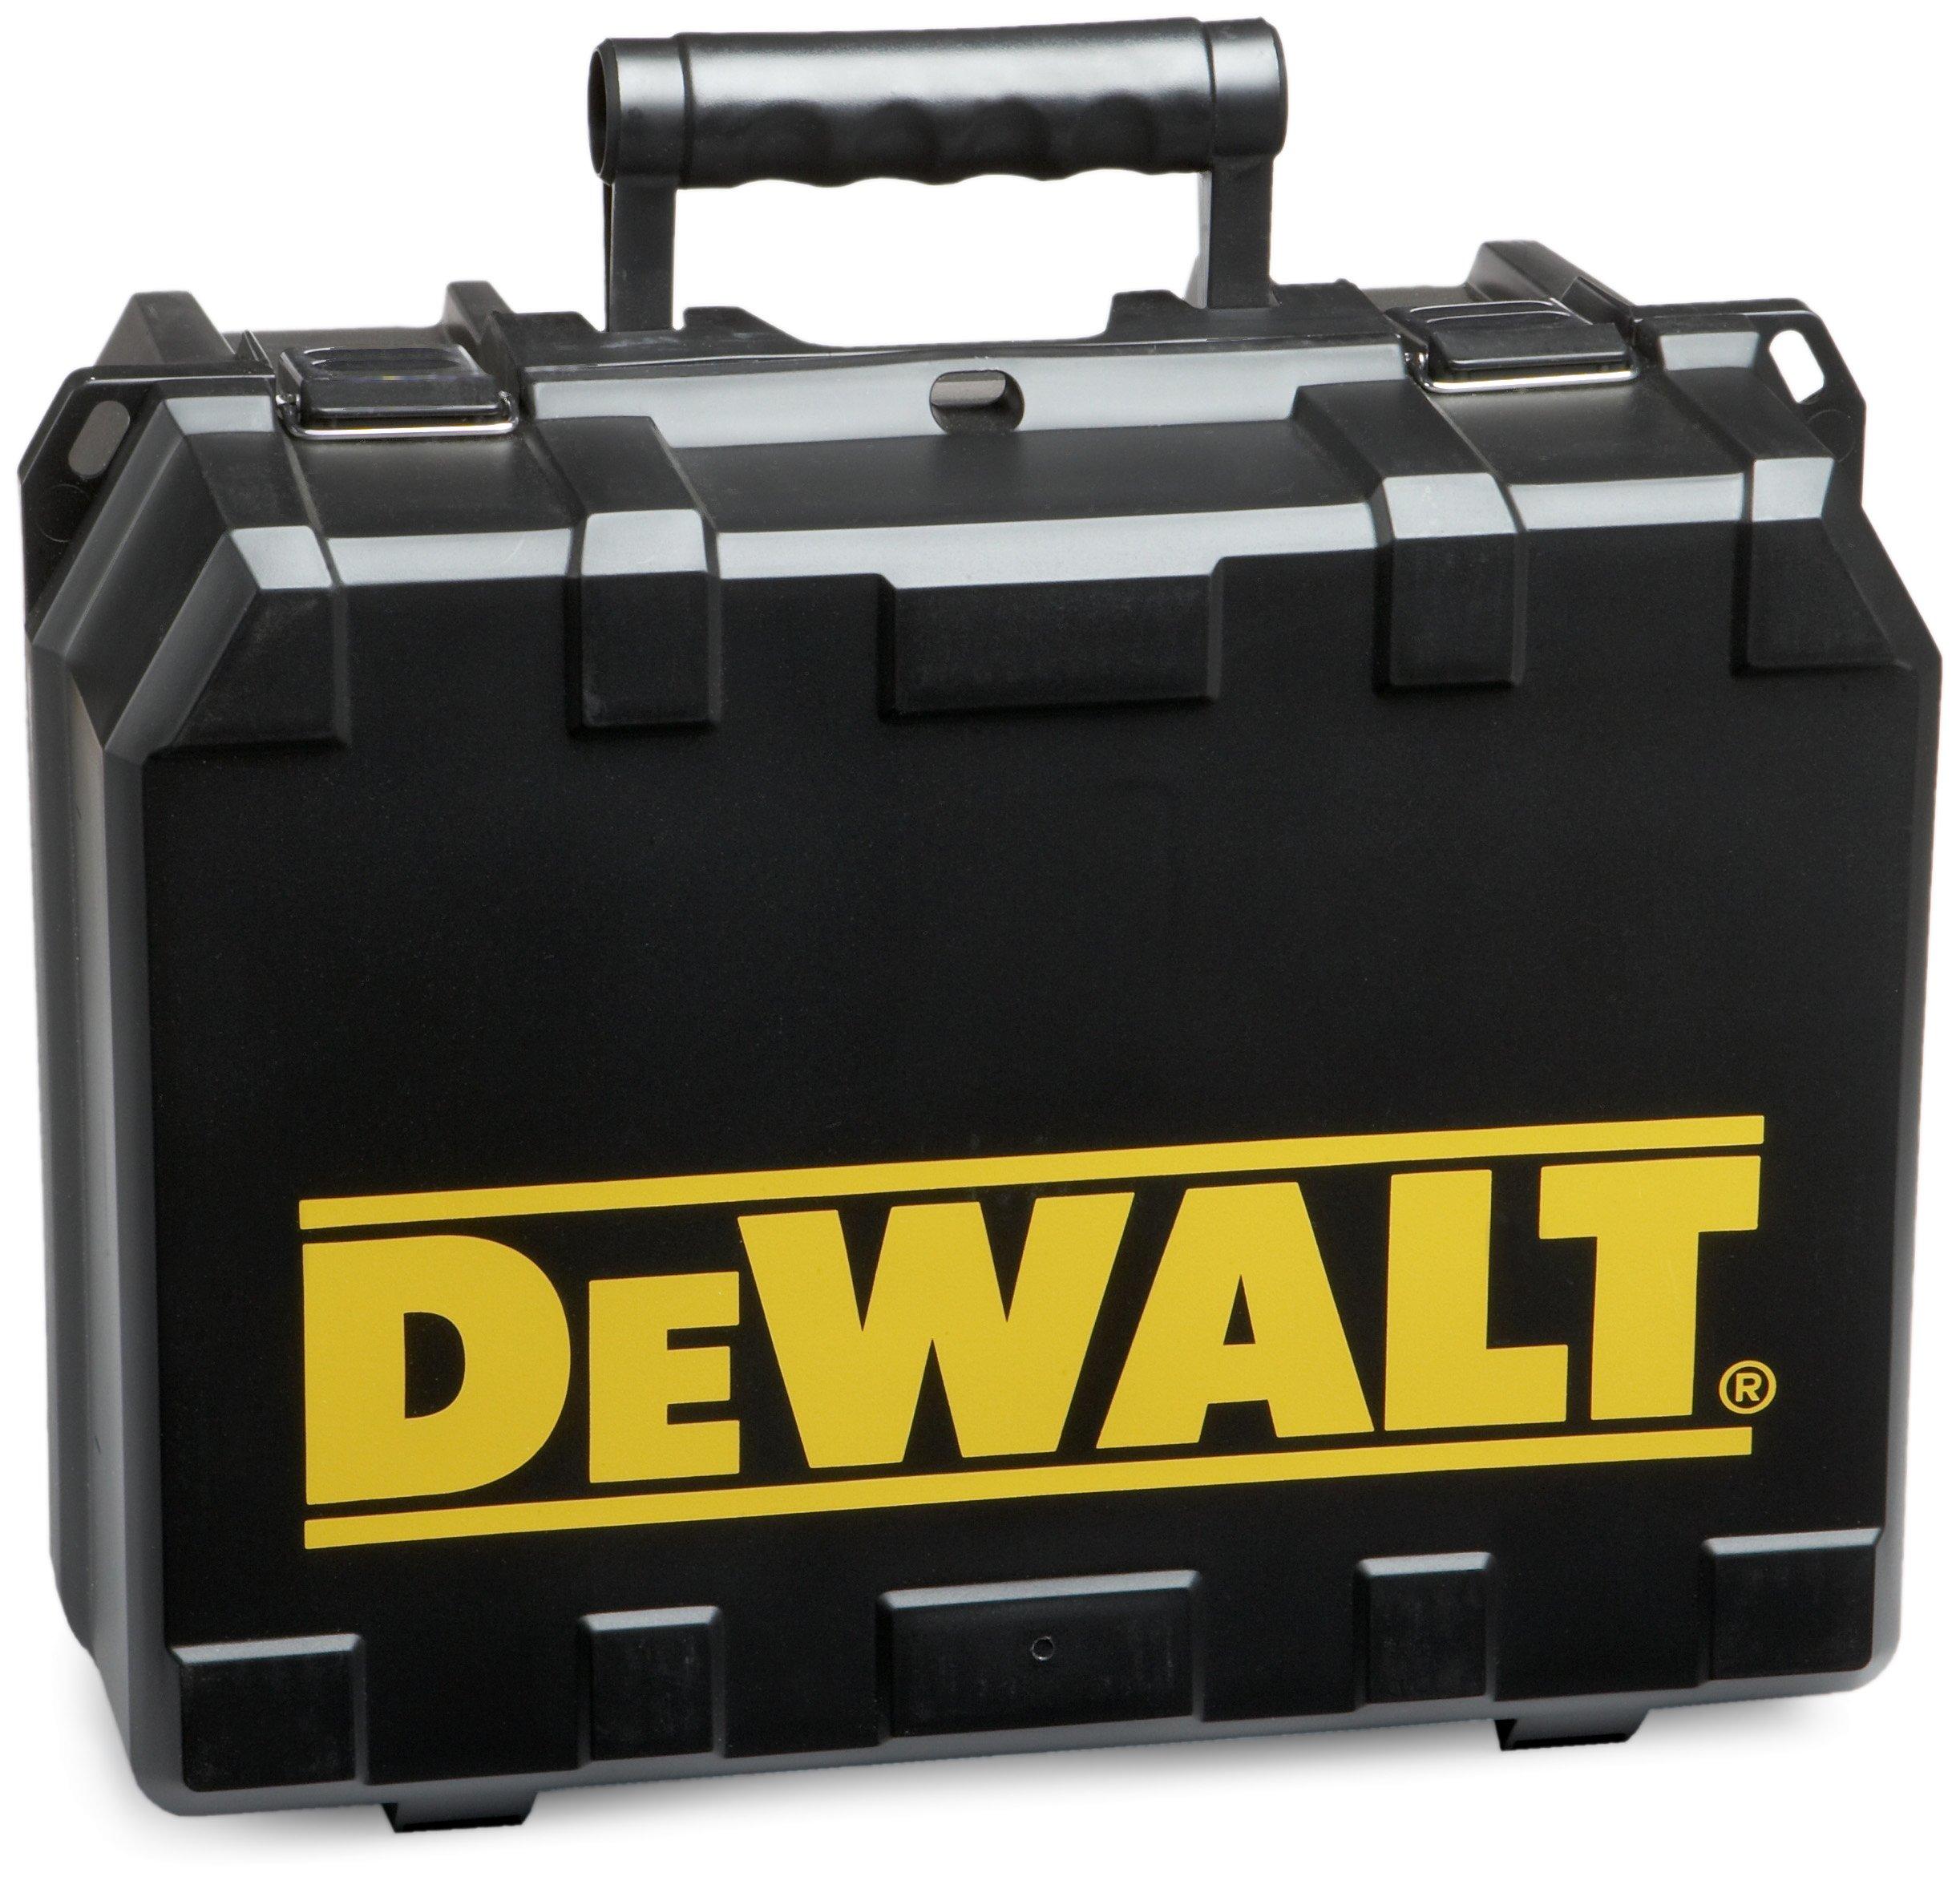 DEWALT Hand Planer, 7-Amp, 3-1/4-Inch (DW680K) by DEWALT